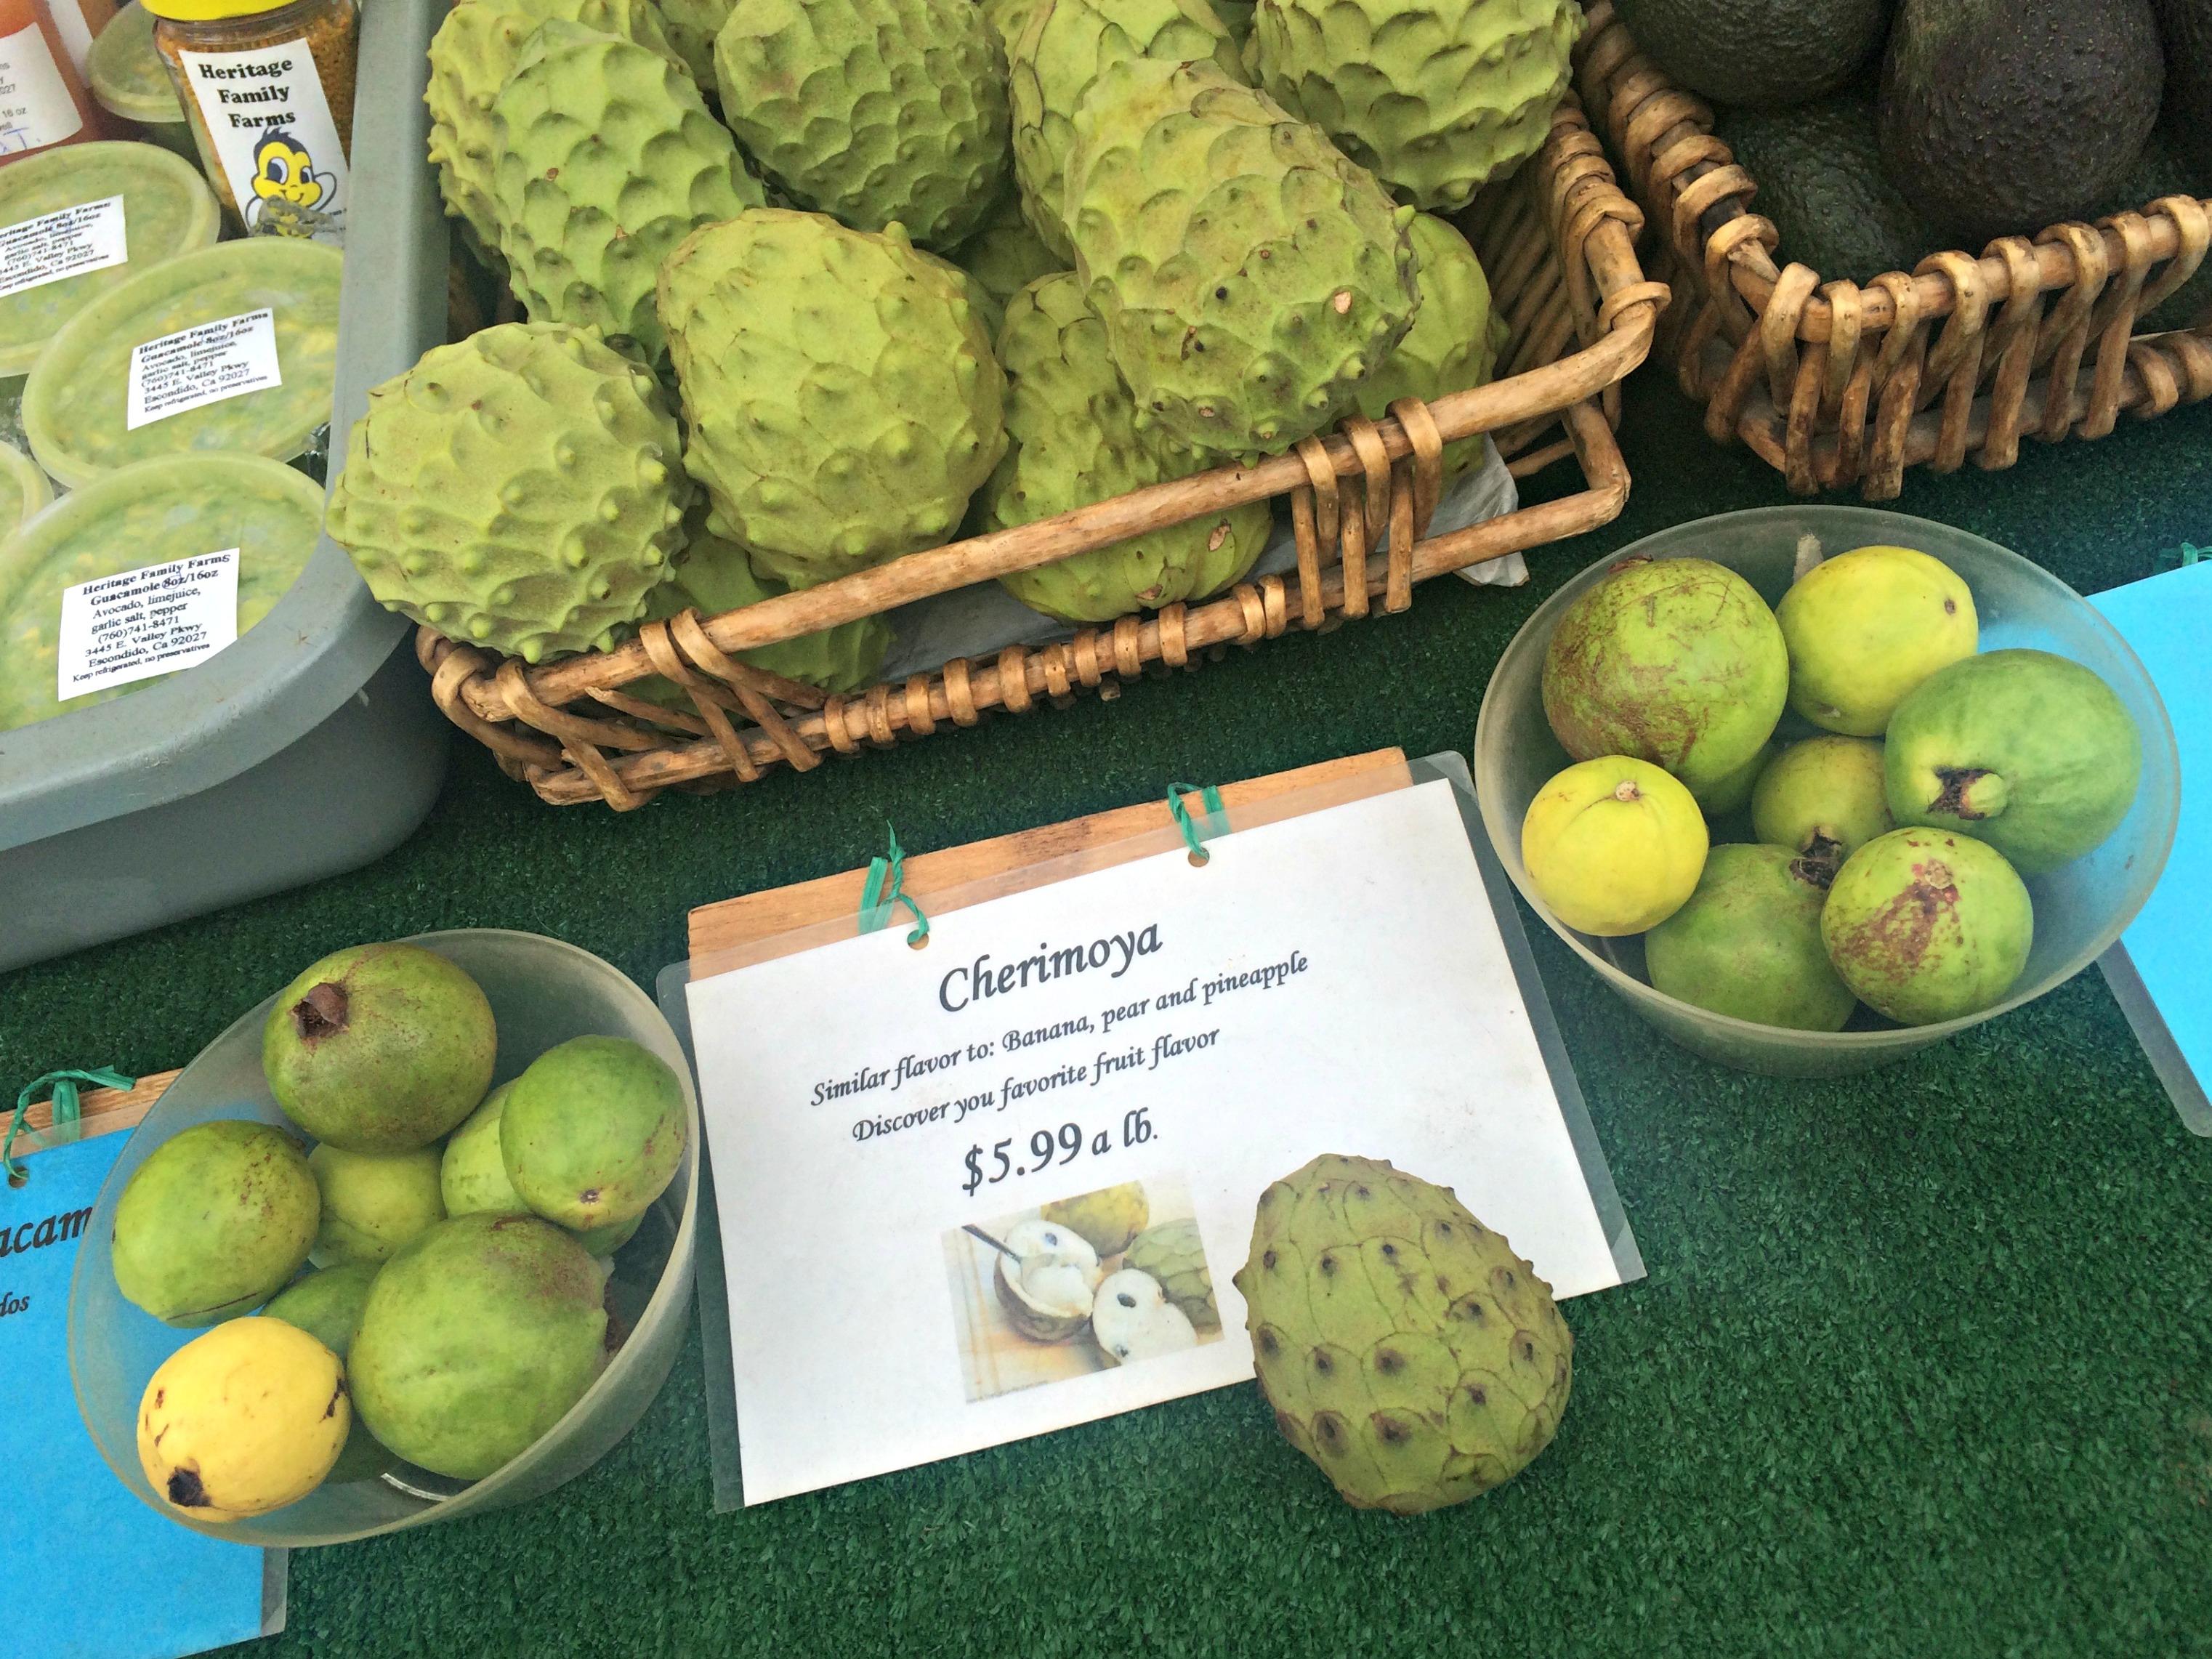 Cherimoya fruit - Little Italy Farmer's Market